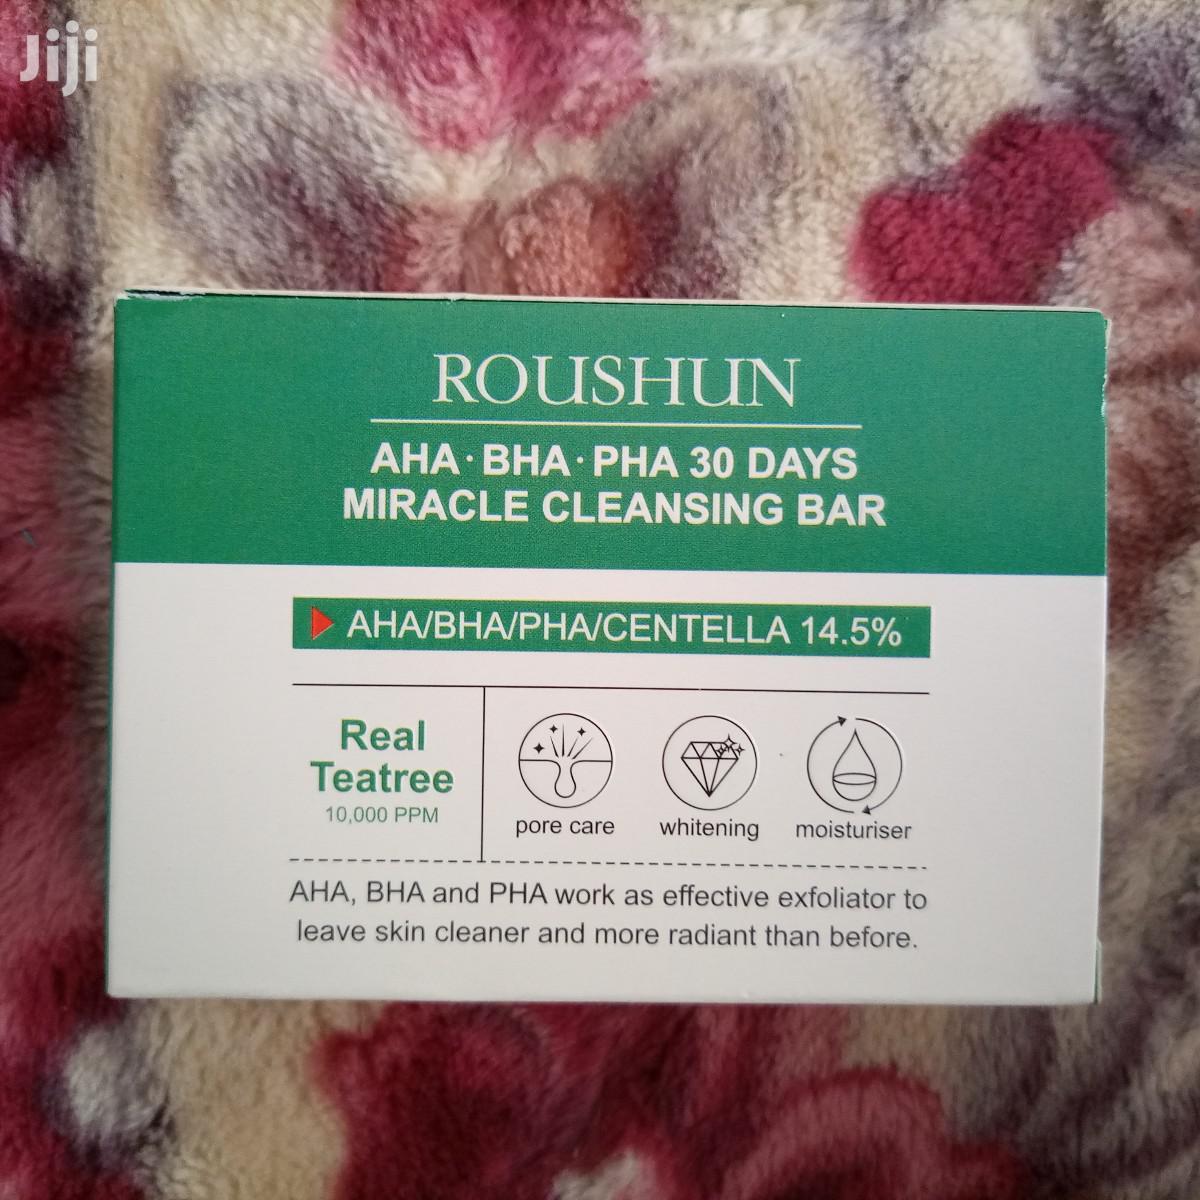 Roushun Miracle Cleansing Bar